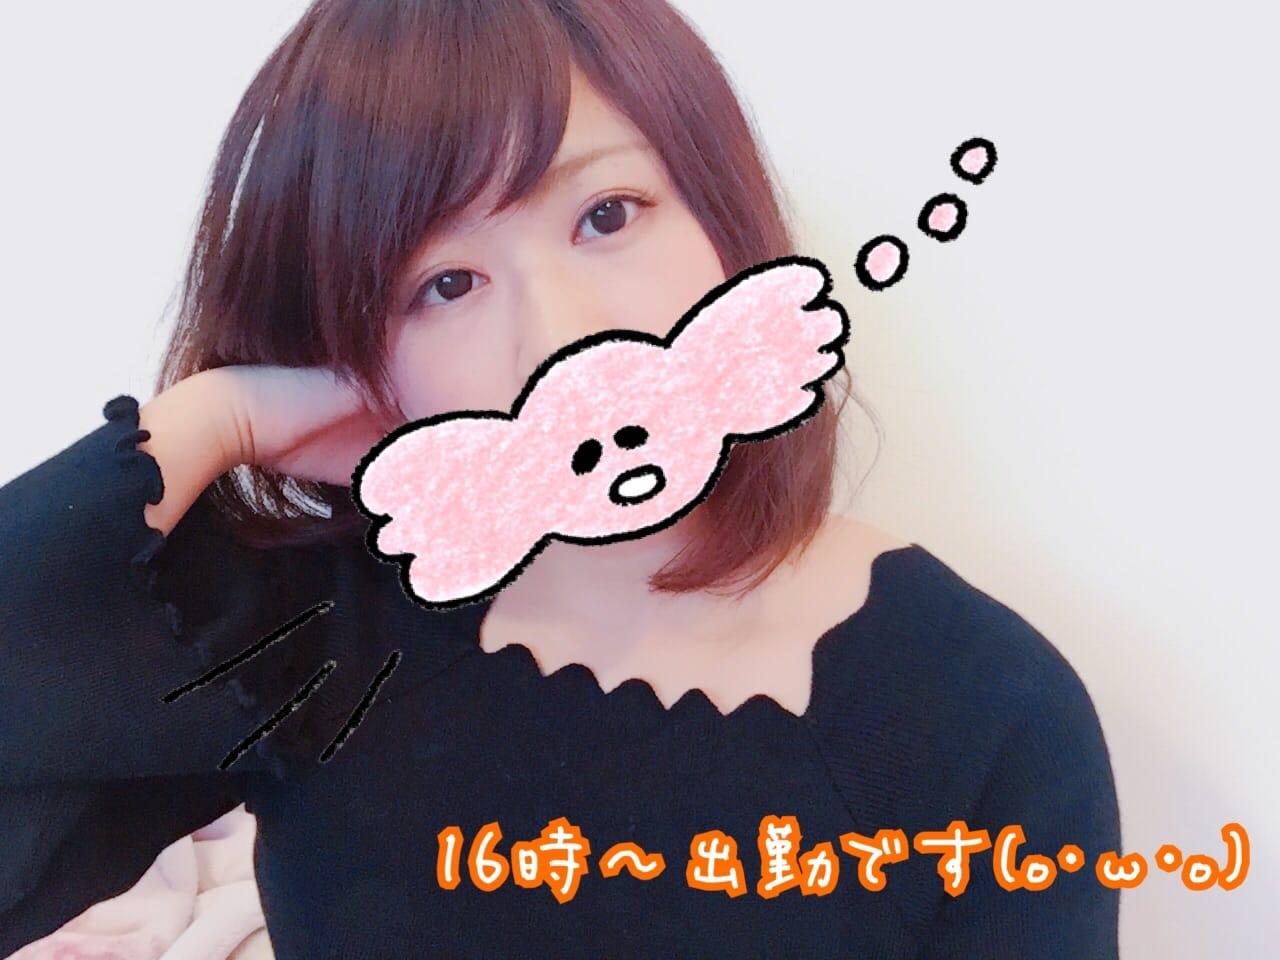 「16時〜(^O^☆♪」09/22(金) 12:24   ランの写メ・風俗動画